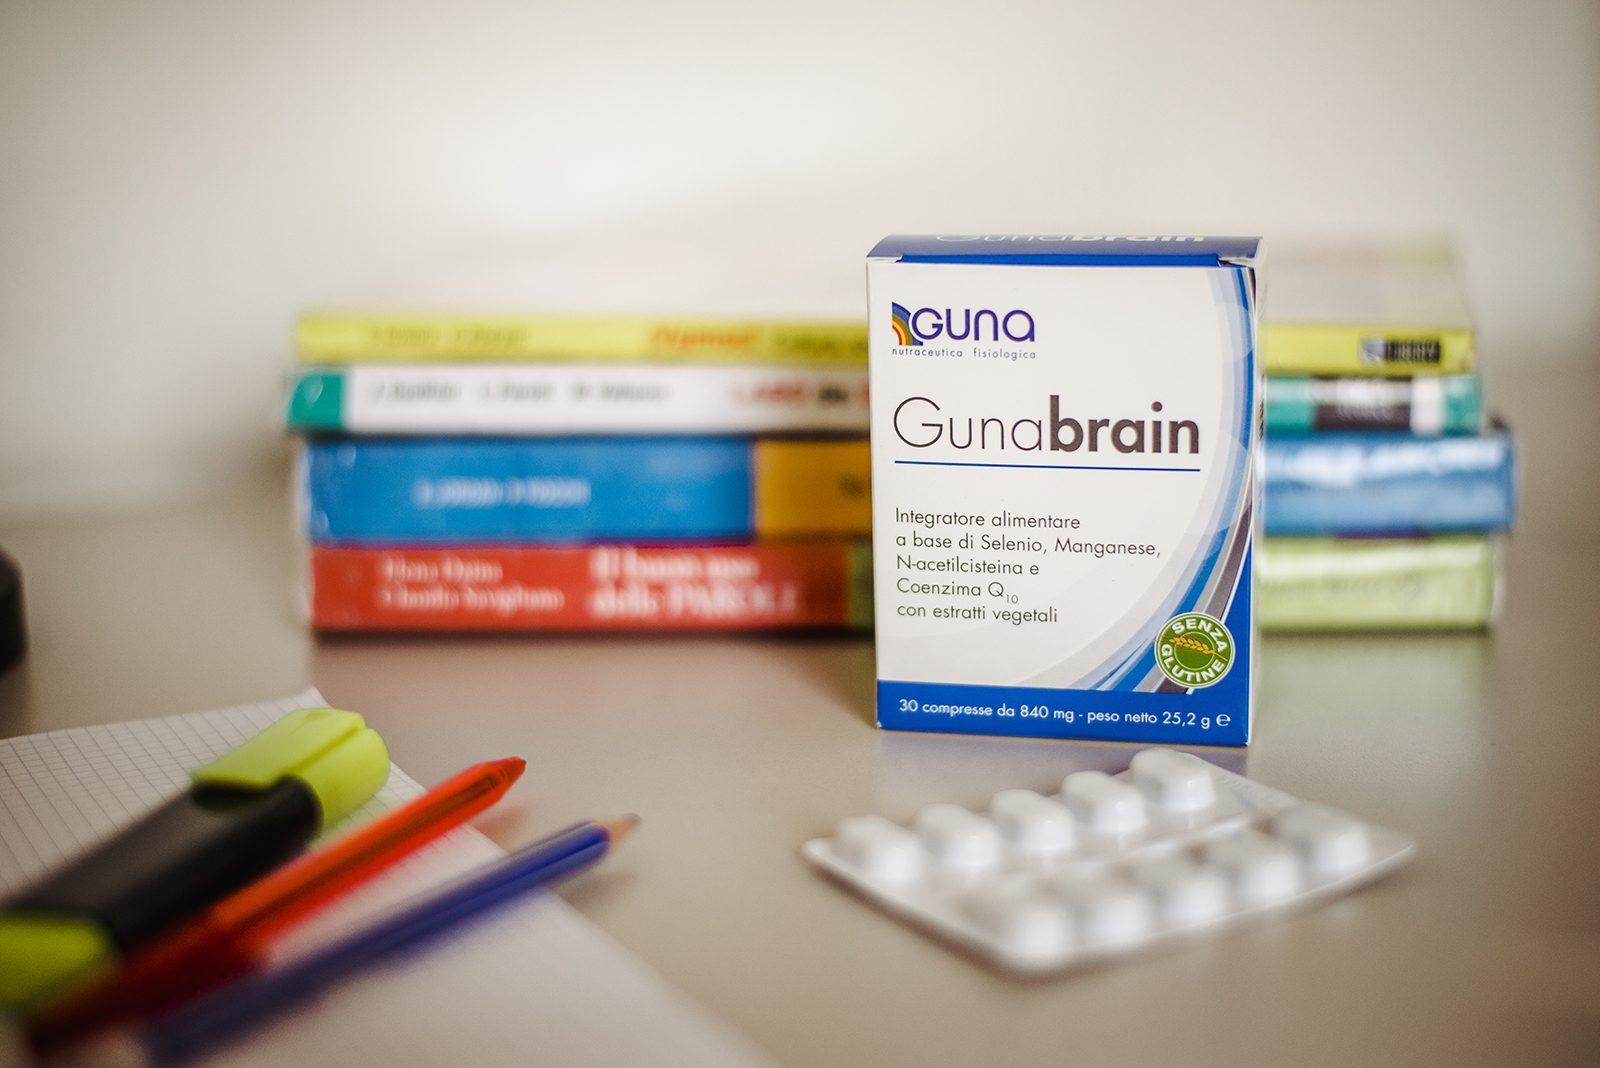 GUNA 4 FAMILY: La Nutraceutica per il benessere di mamma e bambino Ricominciodaquattro